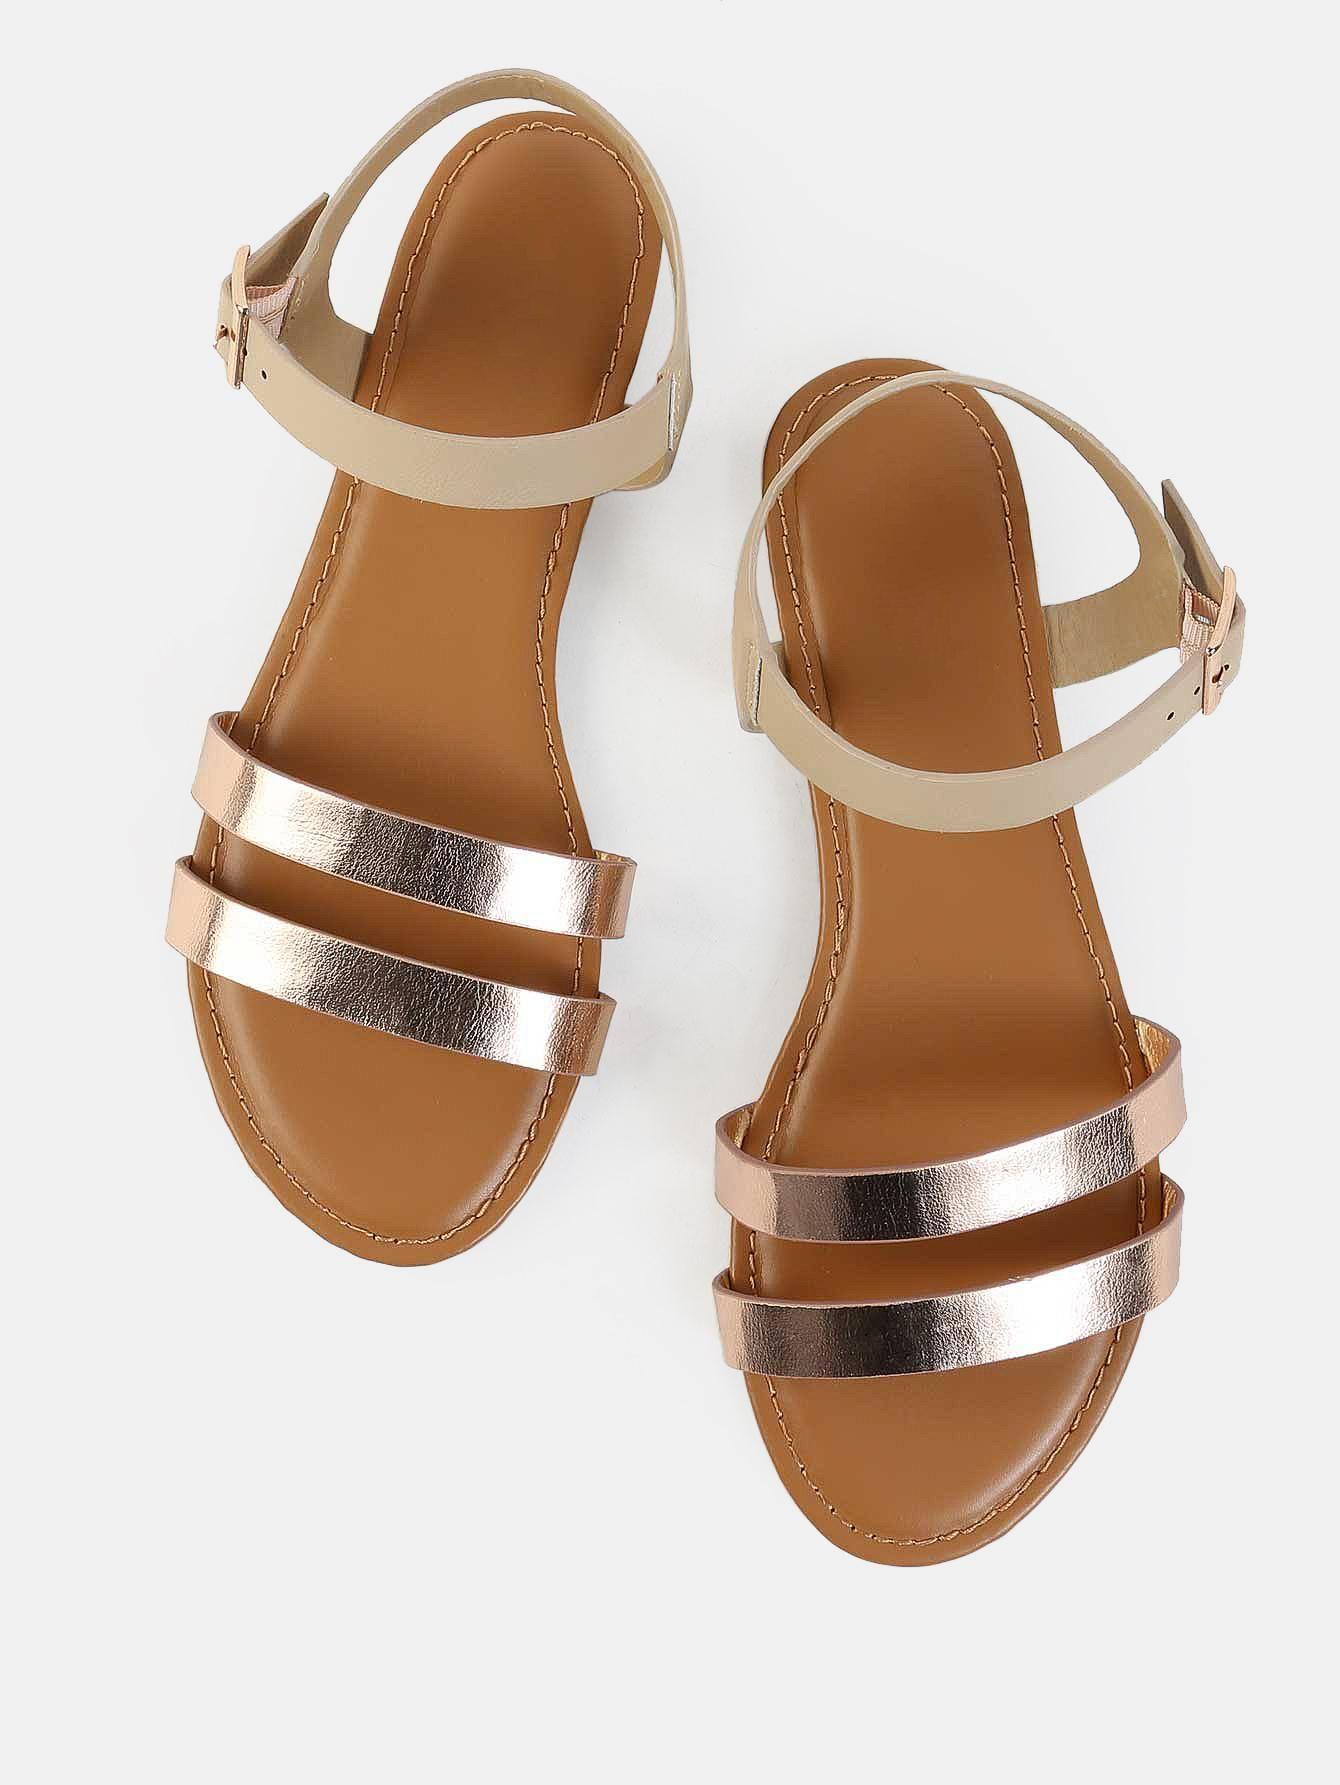 b3692dd28824 MakeMeChic - MAKEMECHIC Metallic Duo Skinny Strap Sandals ROSE GOLD -  AdoreWe.com